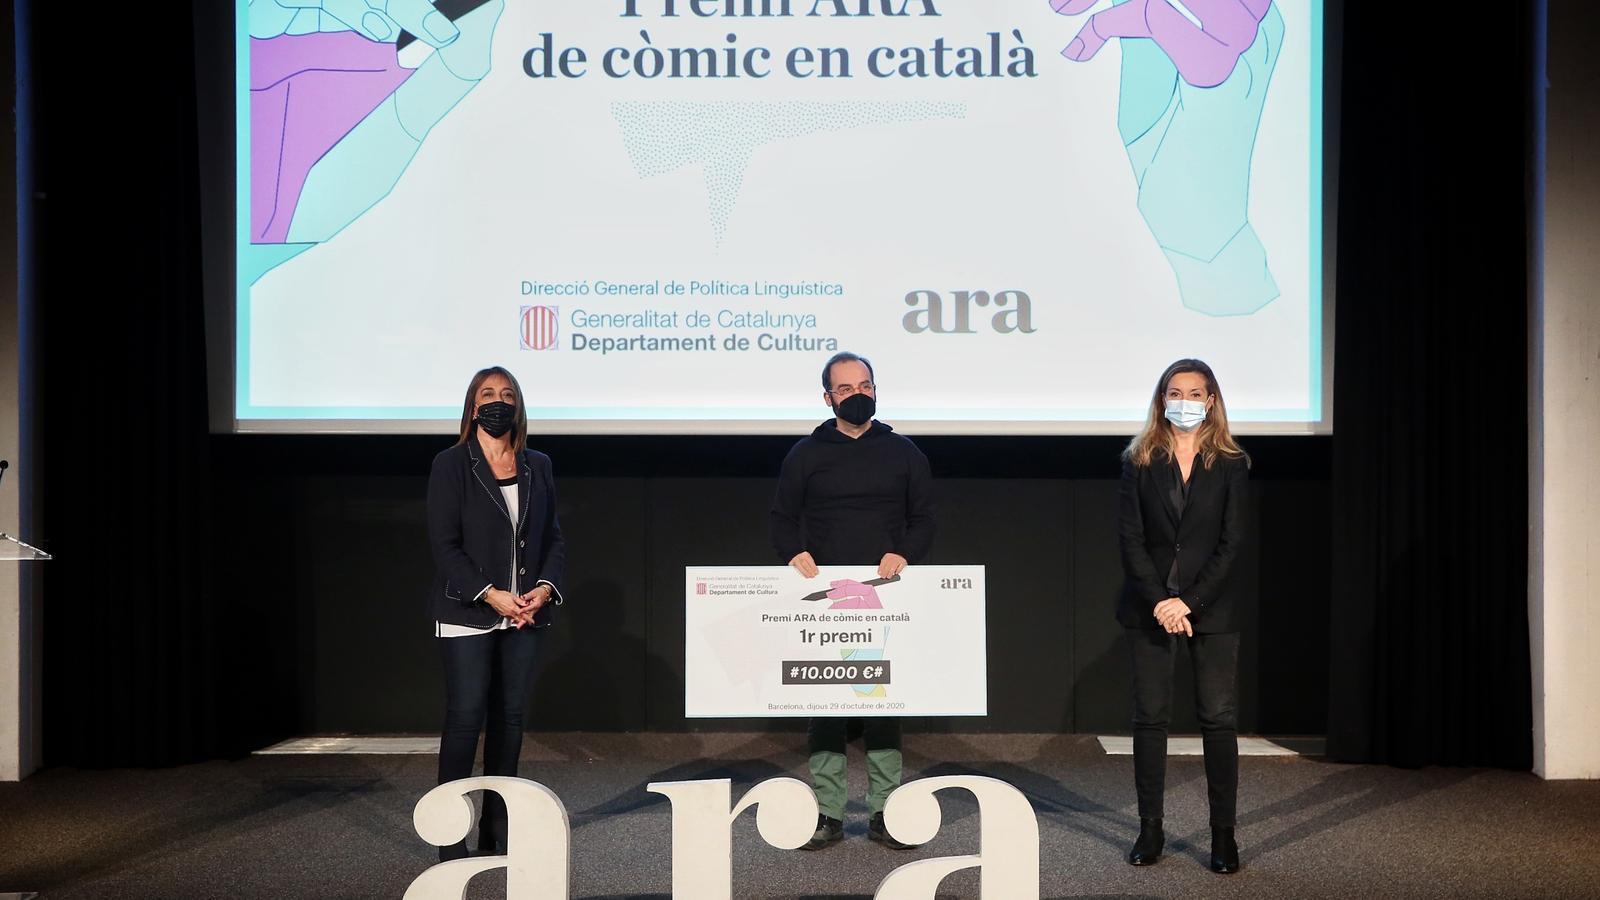 Pep Brocal guanya el Premi ARA de còmic en català